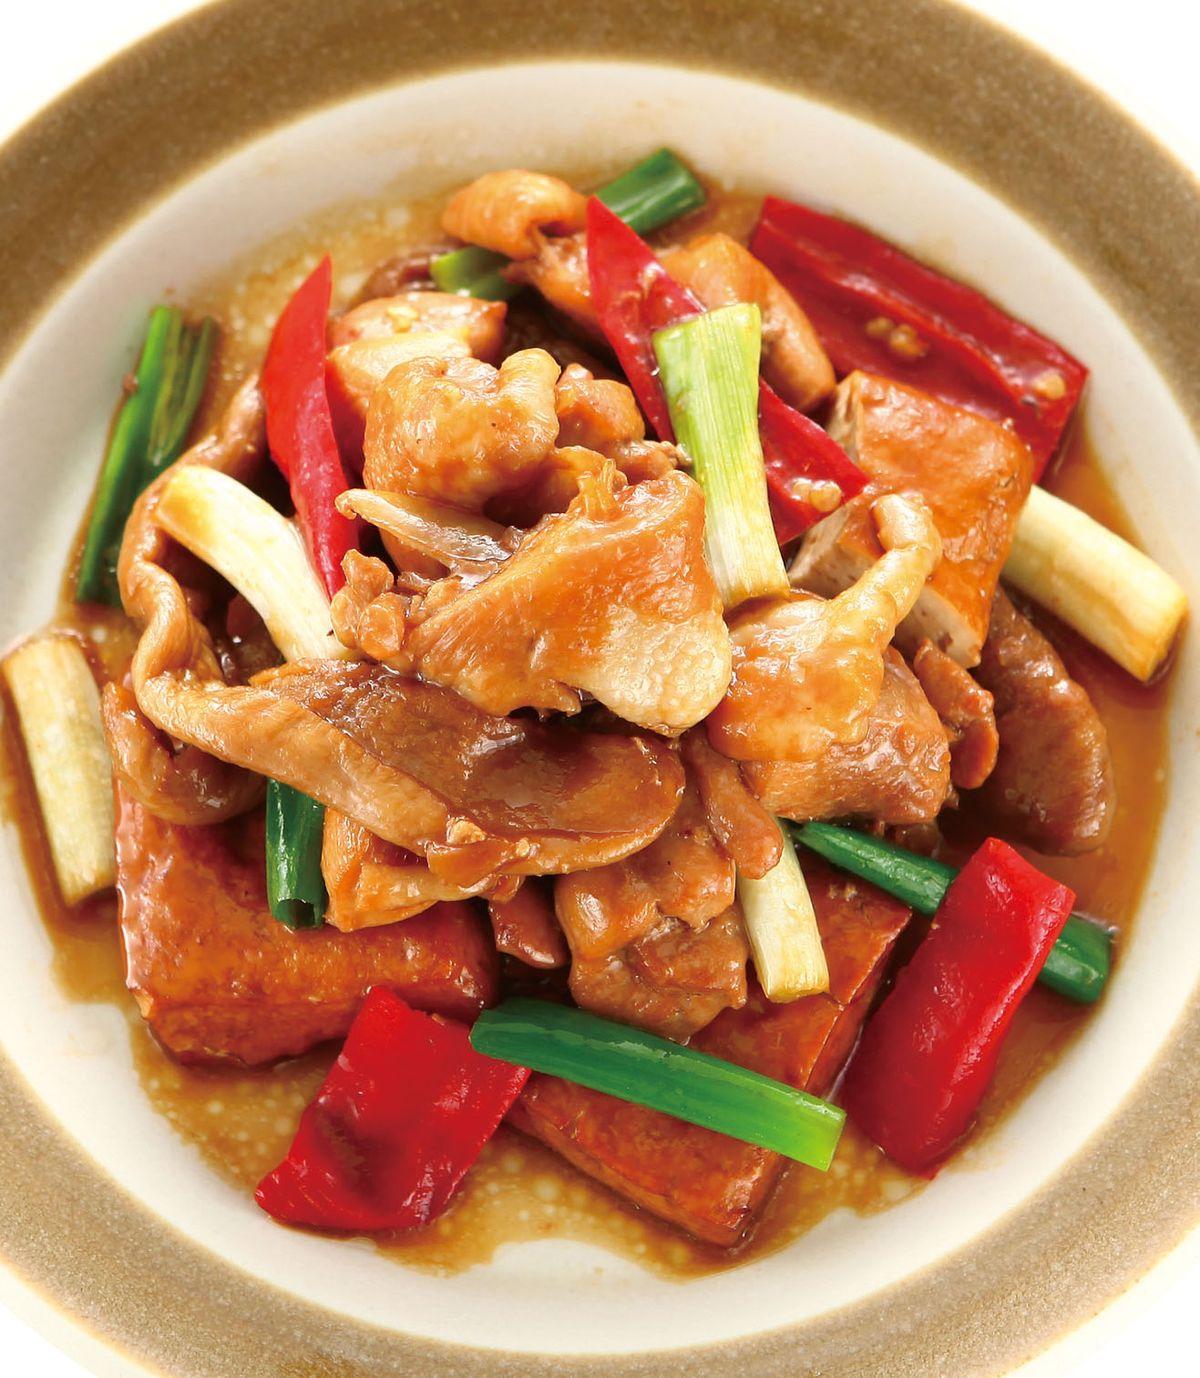 食譜:蘿蔔豆乾燒雞